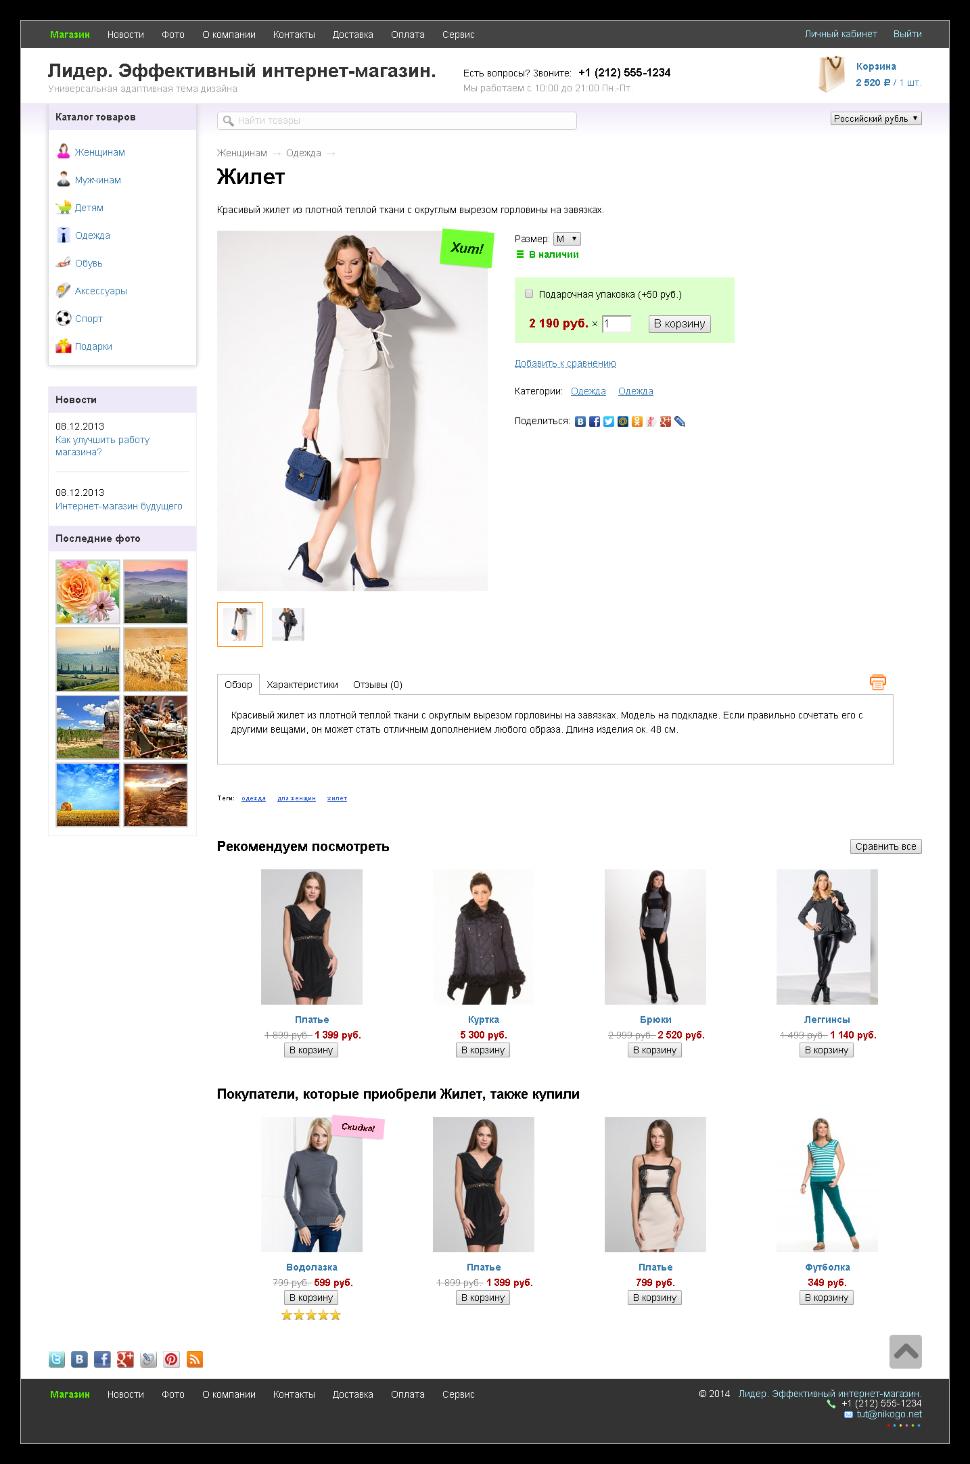 Webasyst темы дизайна лидер